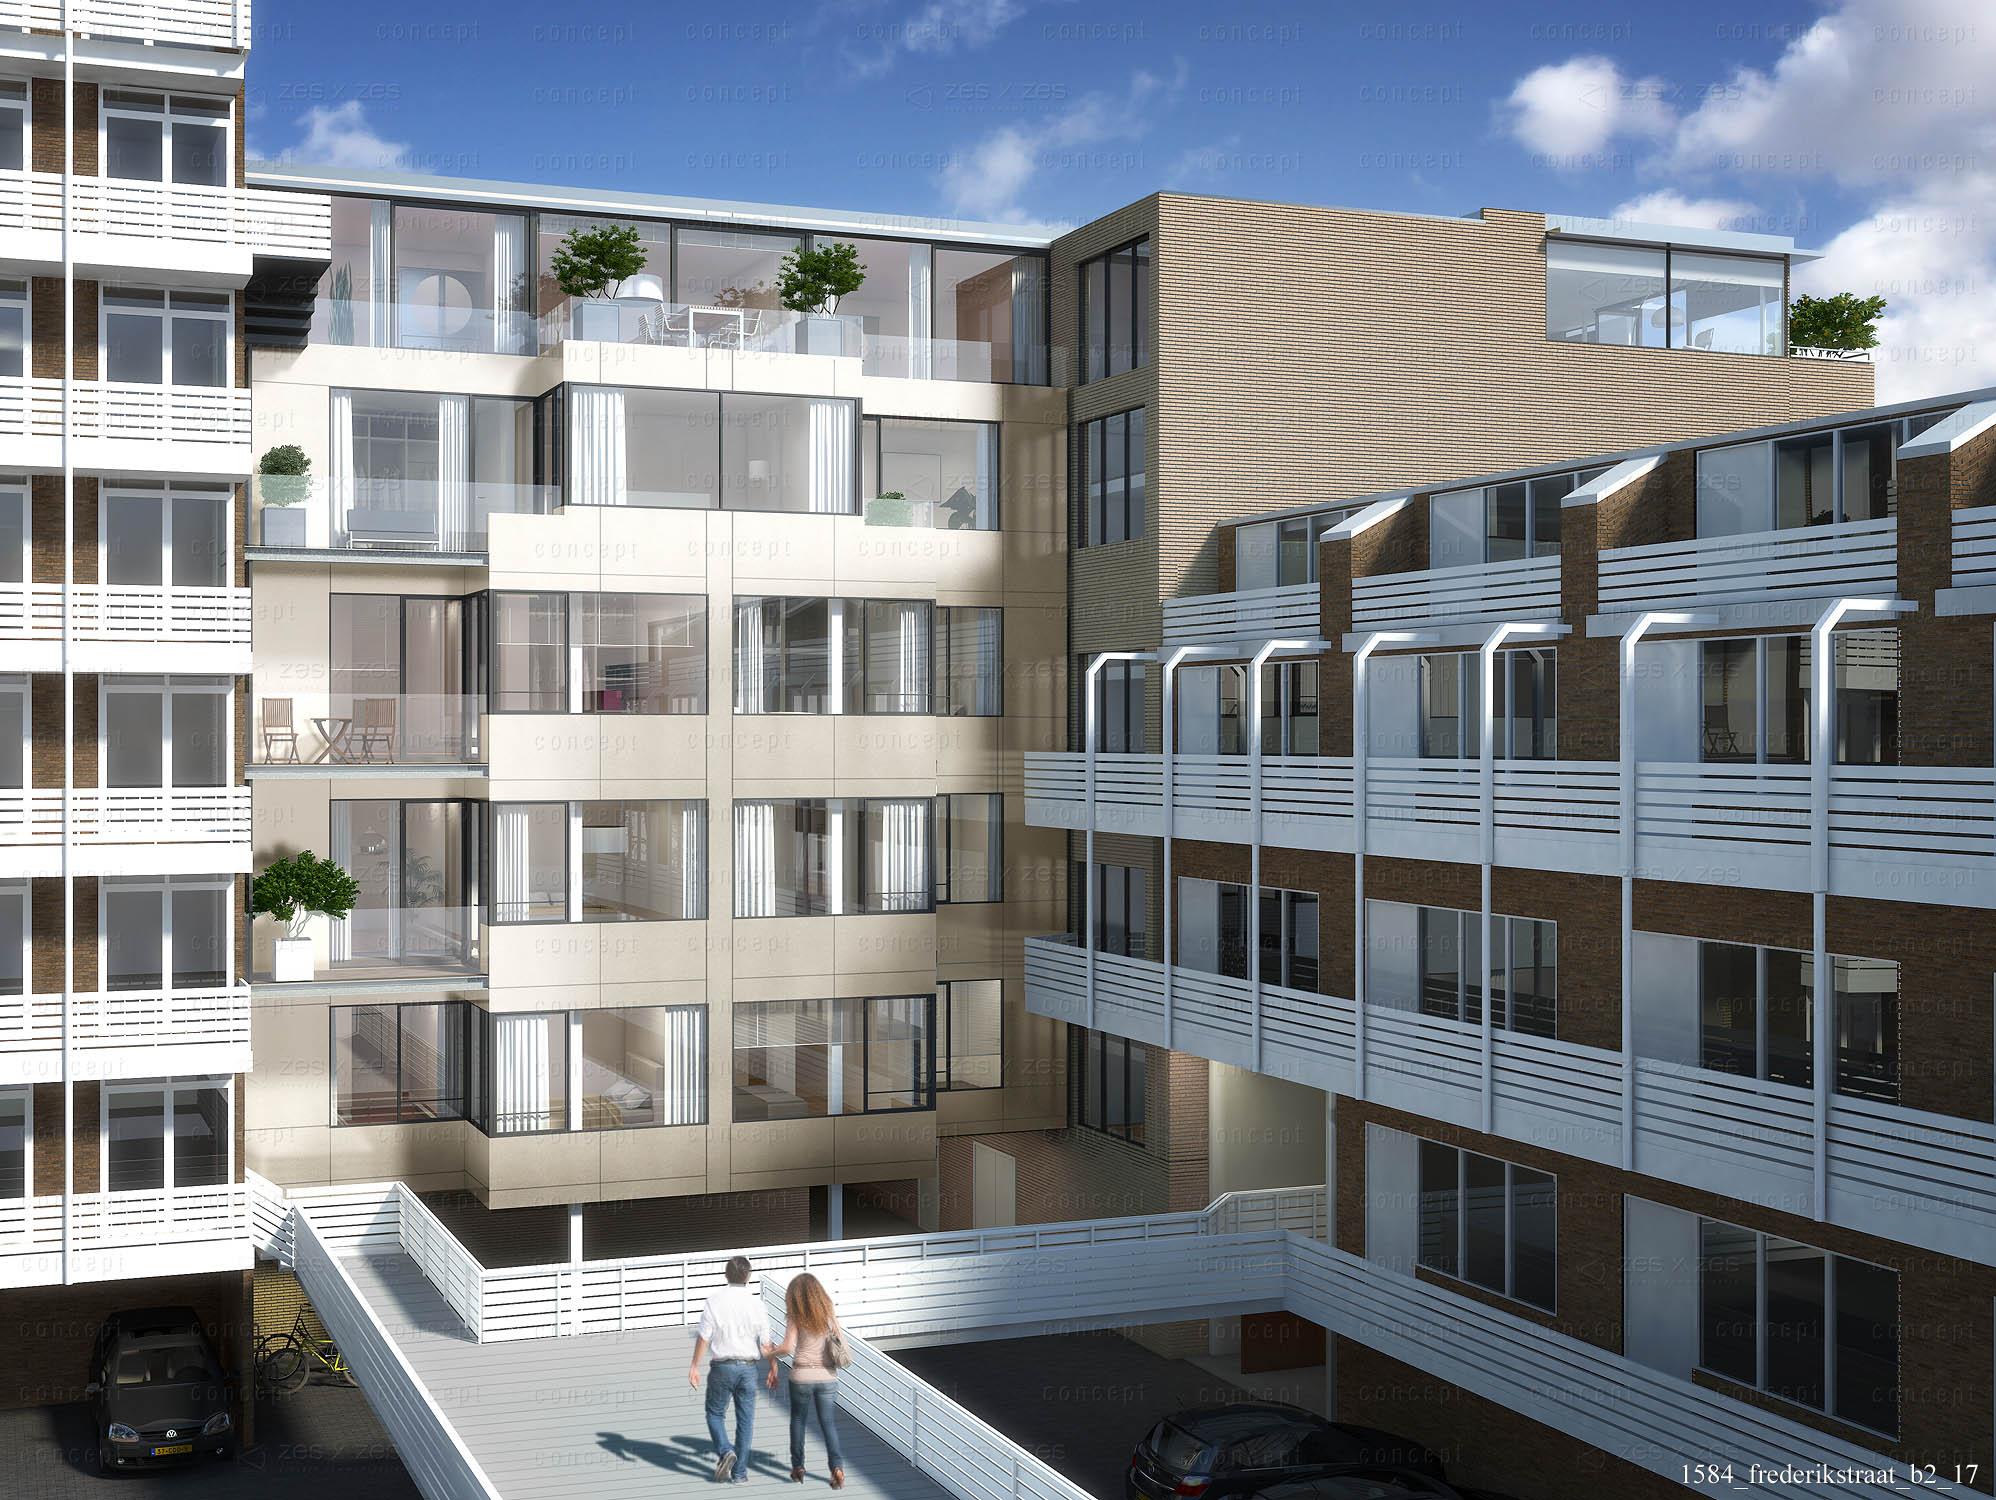 Transformatie van kantoor naar 14 luxe appartementen. Werkzaamheden: tekenwerk, directievoering, projectmanagement en kostenbewaking.